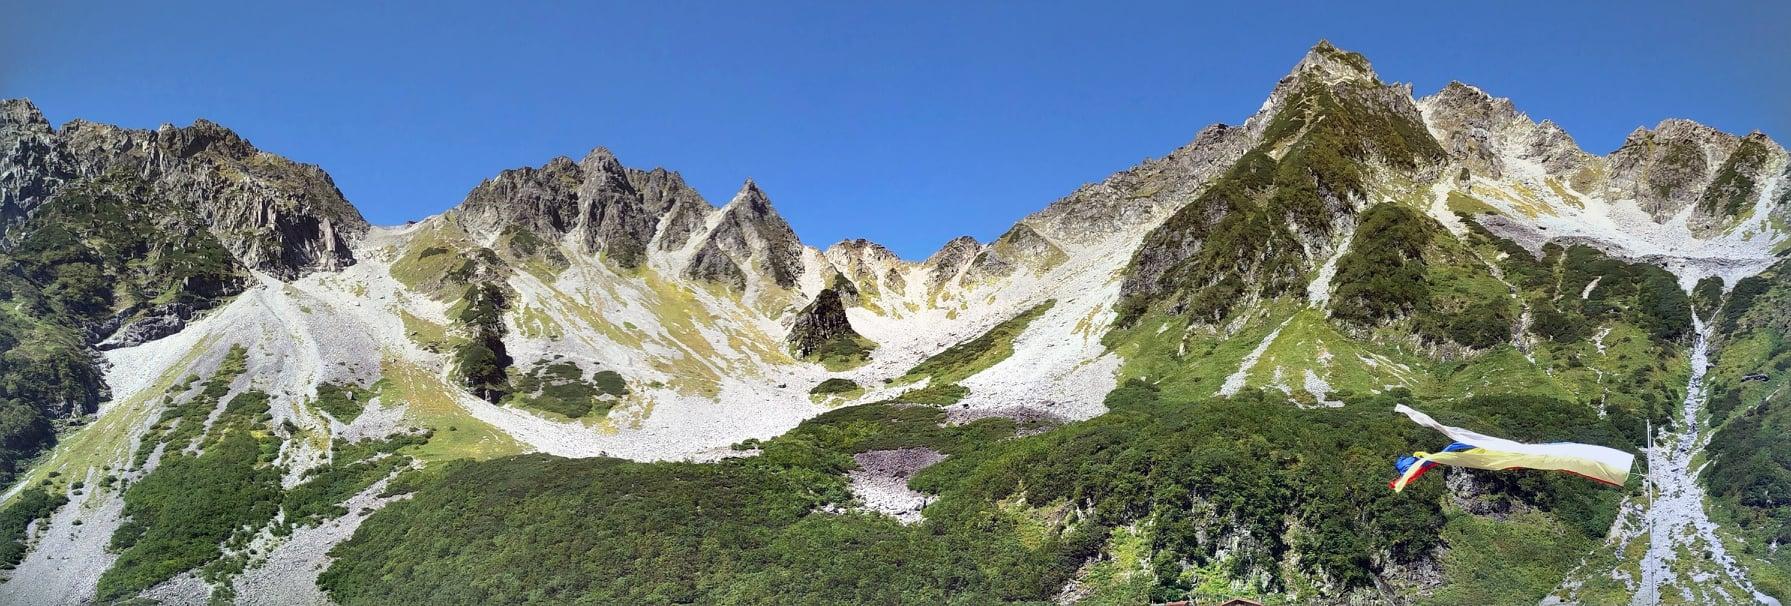 9/18-20日 [山の講習会中級編]で奥穂高岳に行って来ました。